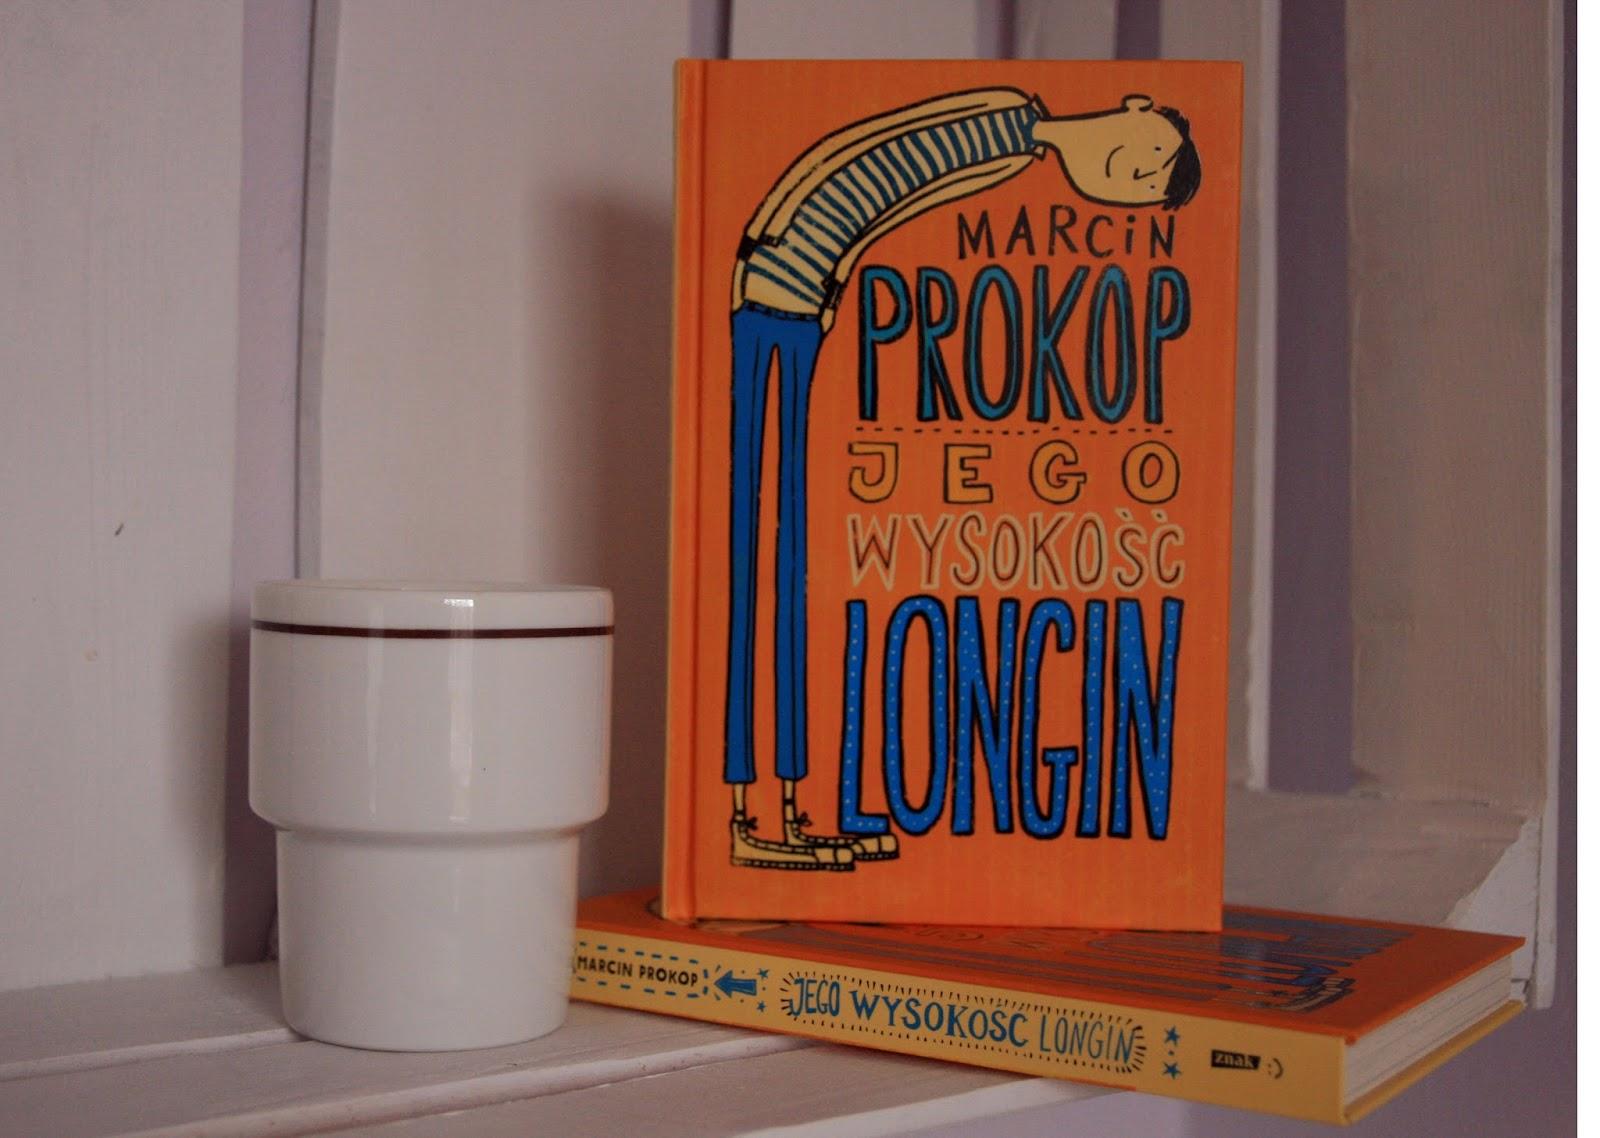 http://magiaksiazki.blogspot.com/2014/11/konkurs-jego-wysokosc-longin-czyli-w-co.html